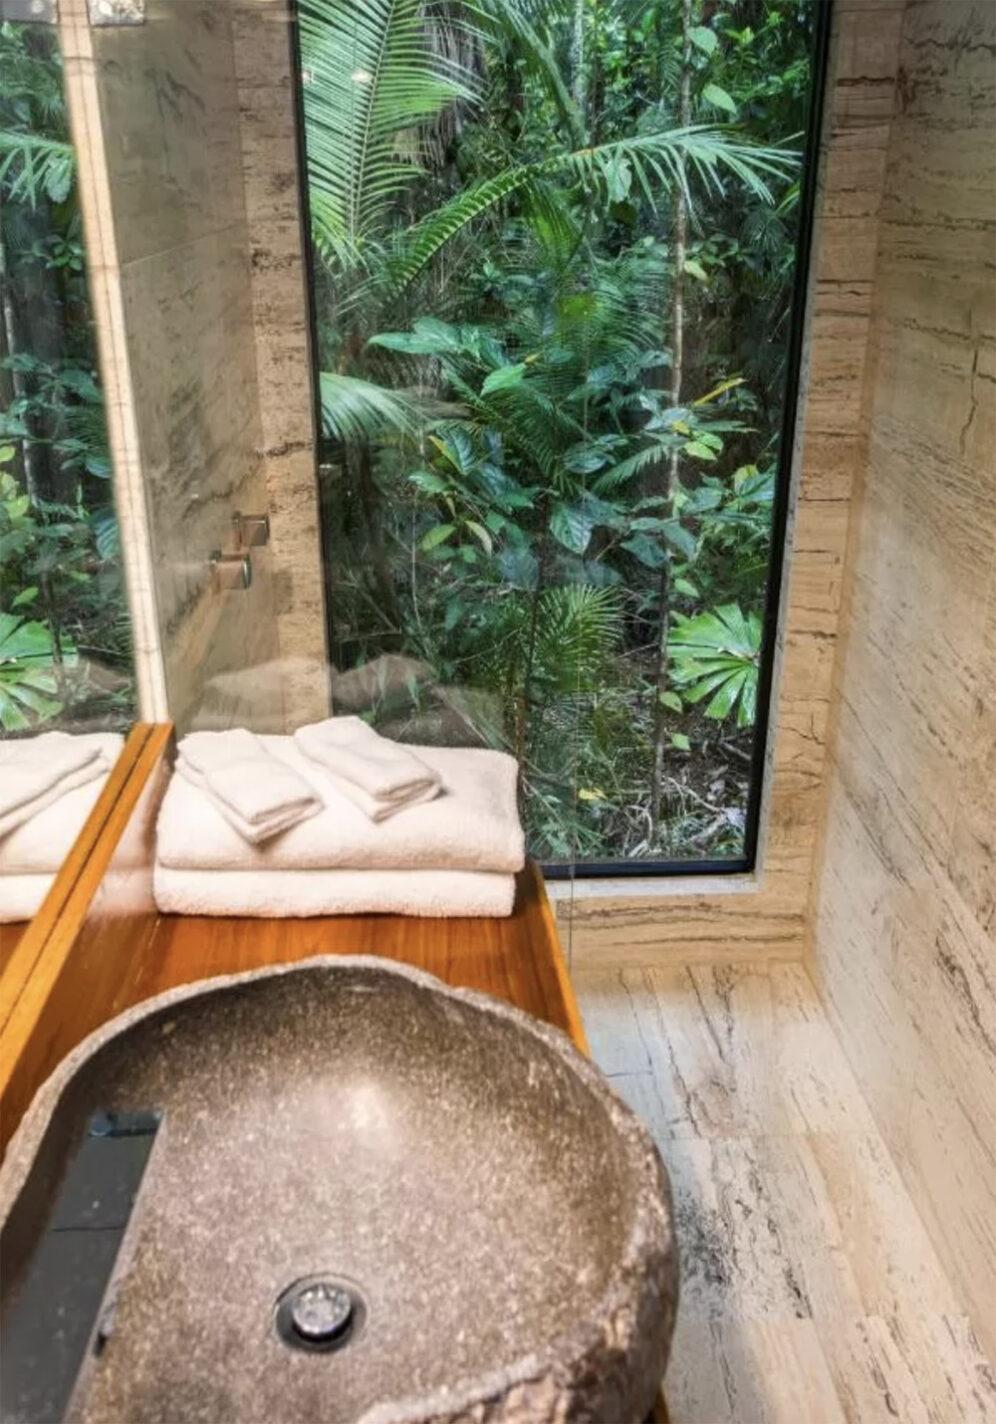 Prachtige badkamer - waarbij je echt het gevoel hebt dat je in het regenwoud bent